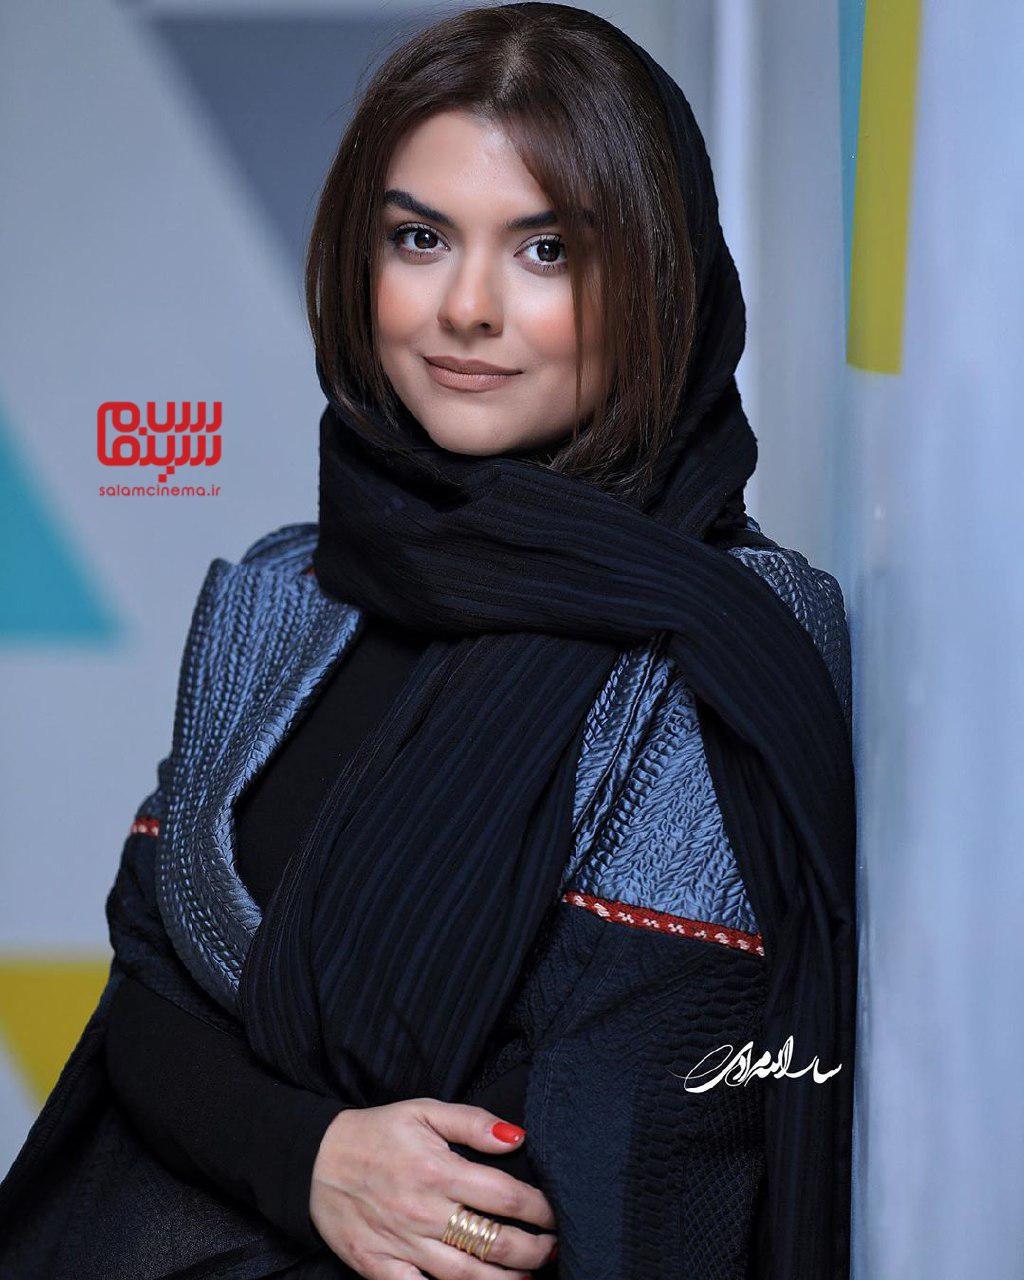 دنیا مدنی - اکران خصوصی فیلم «خداحافظ دختر شیرازی»-گزارش تصویری